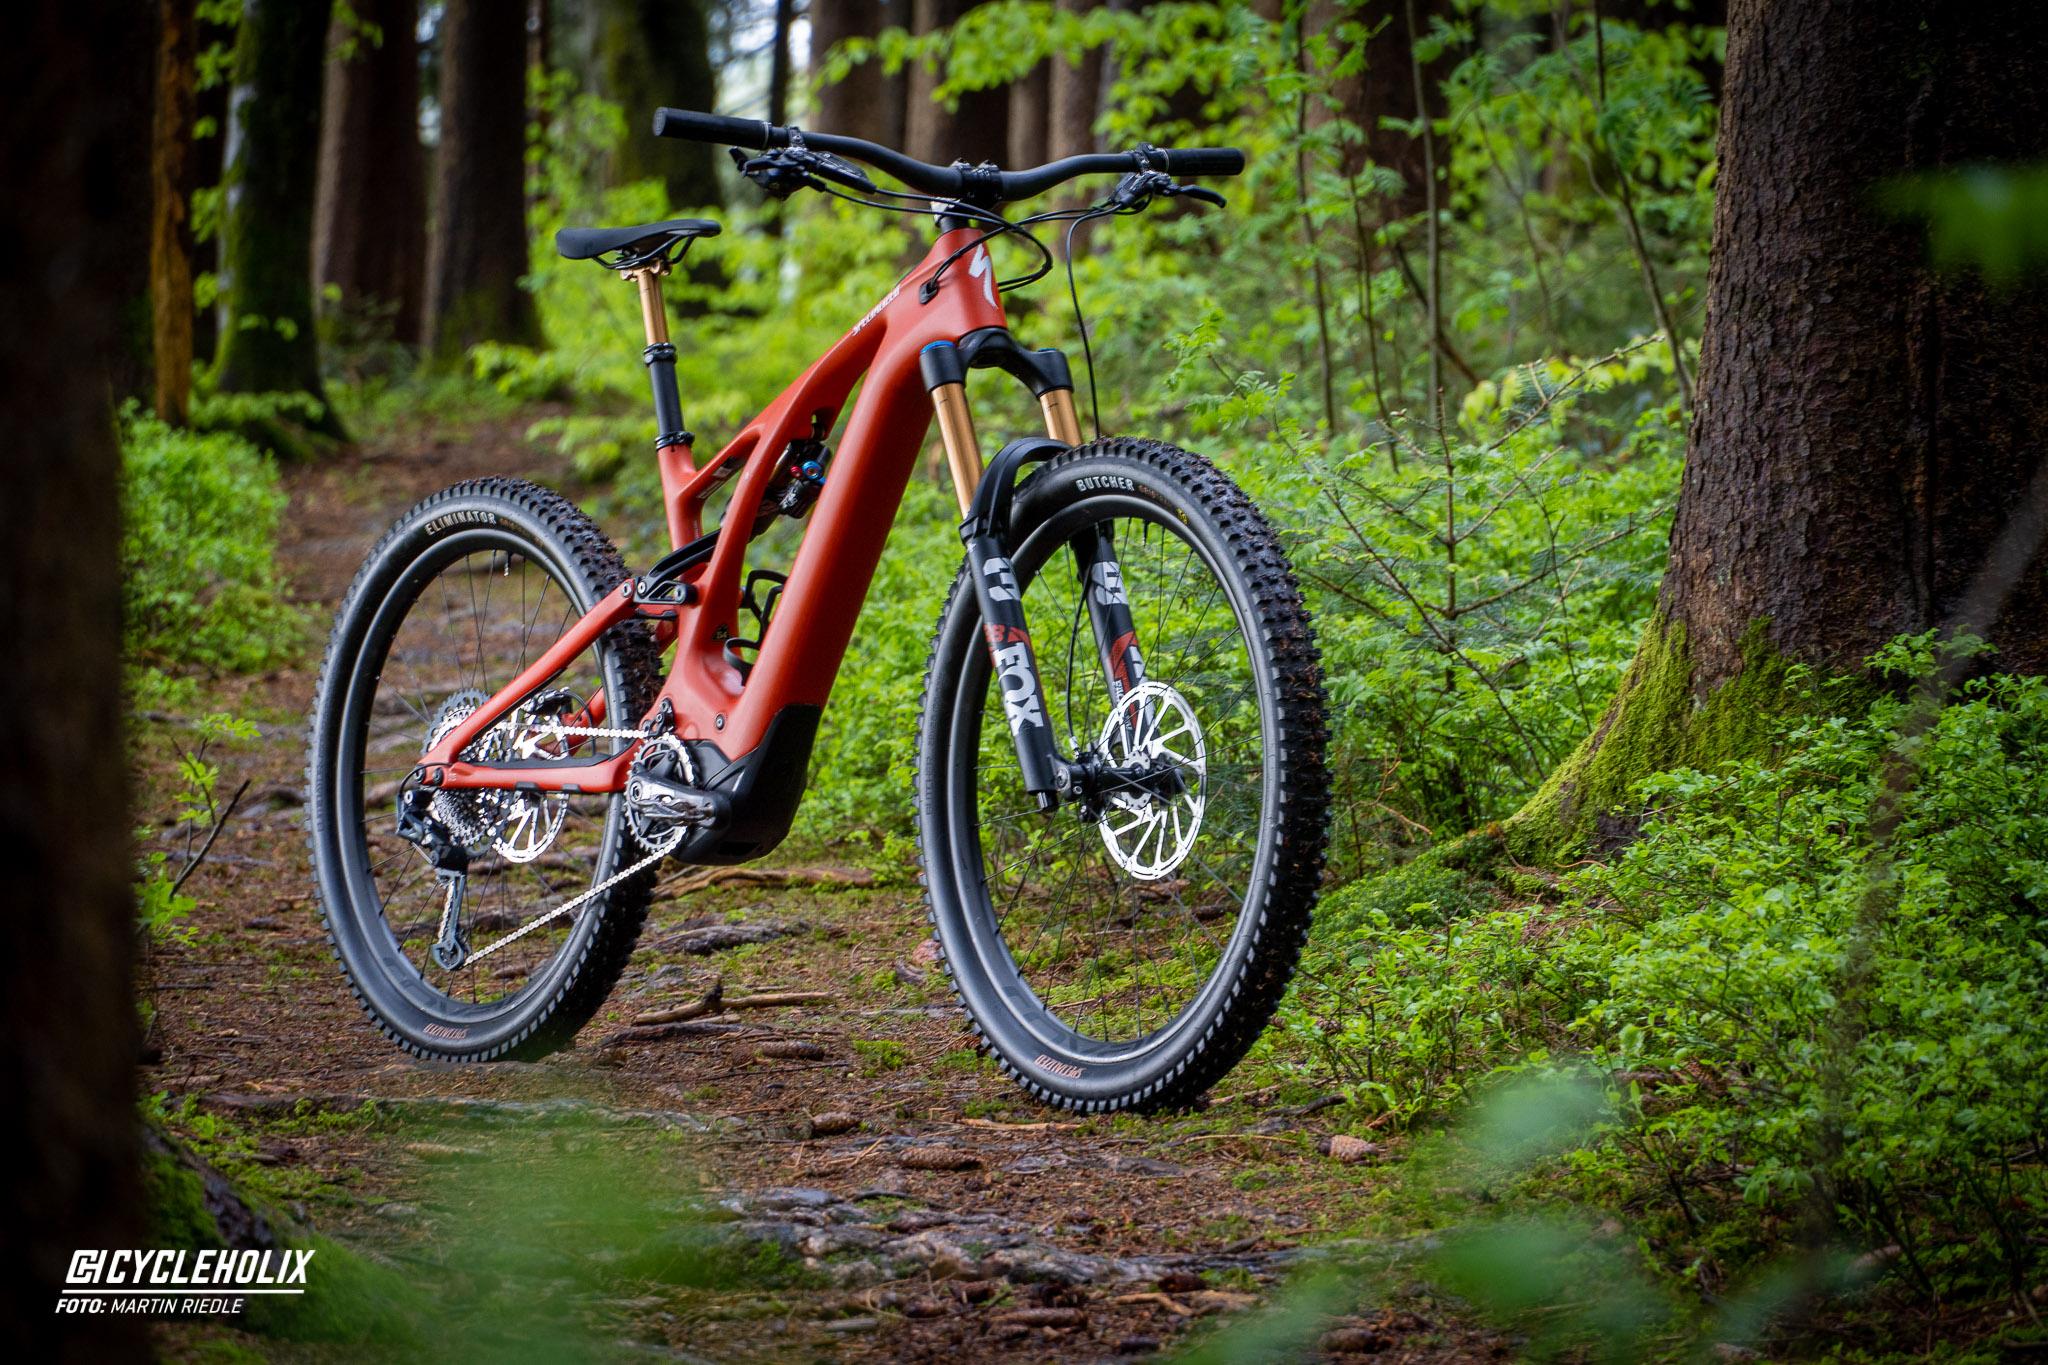 Specialized Levo 25 Cycleholix